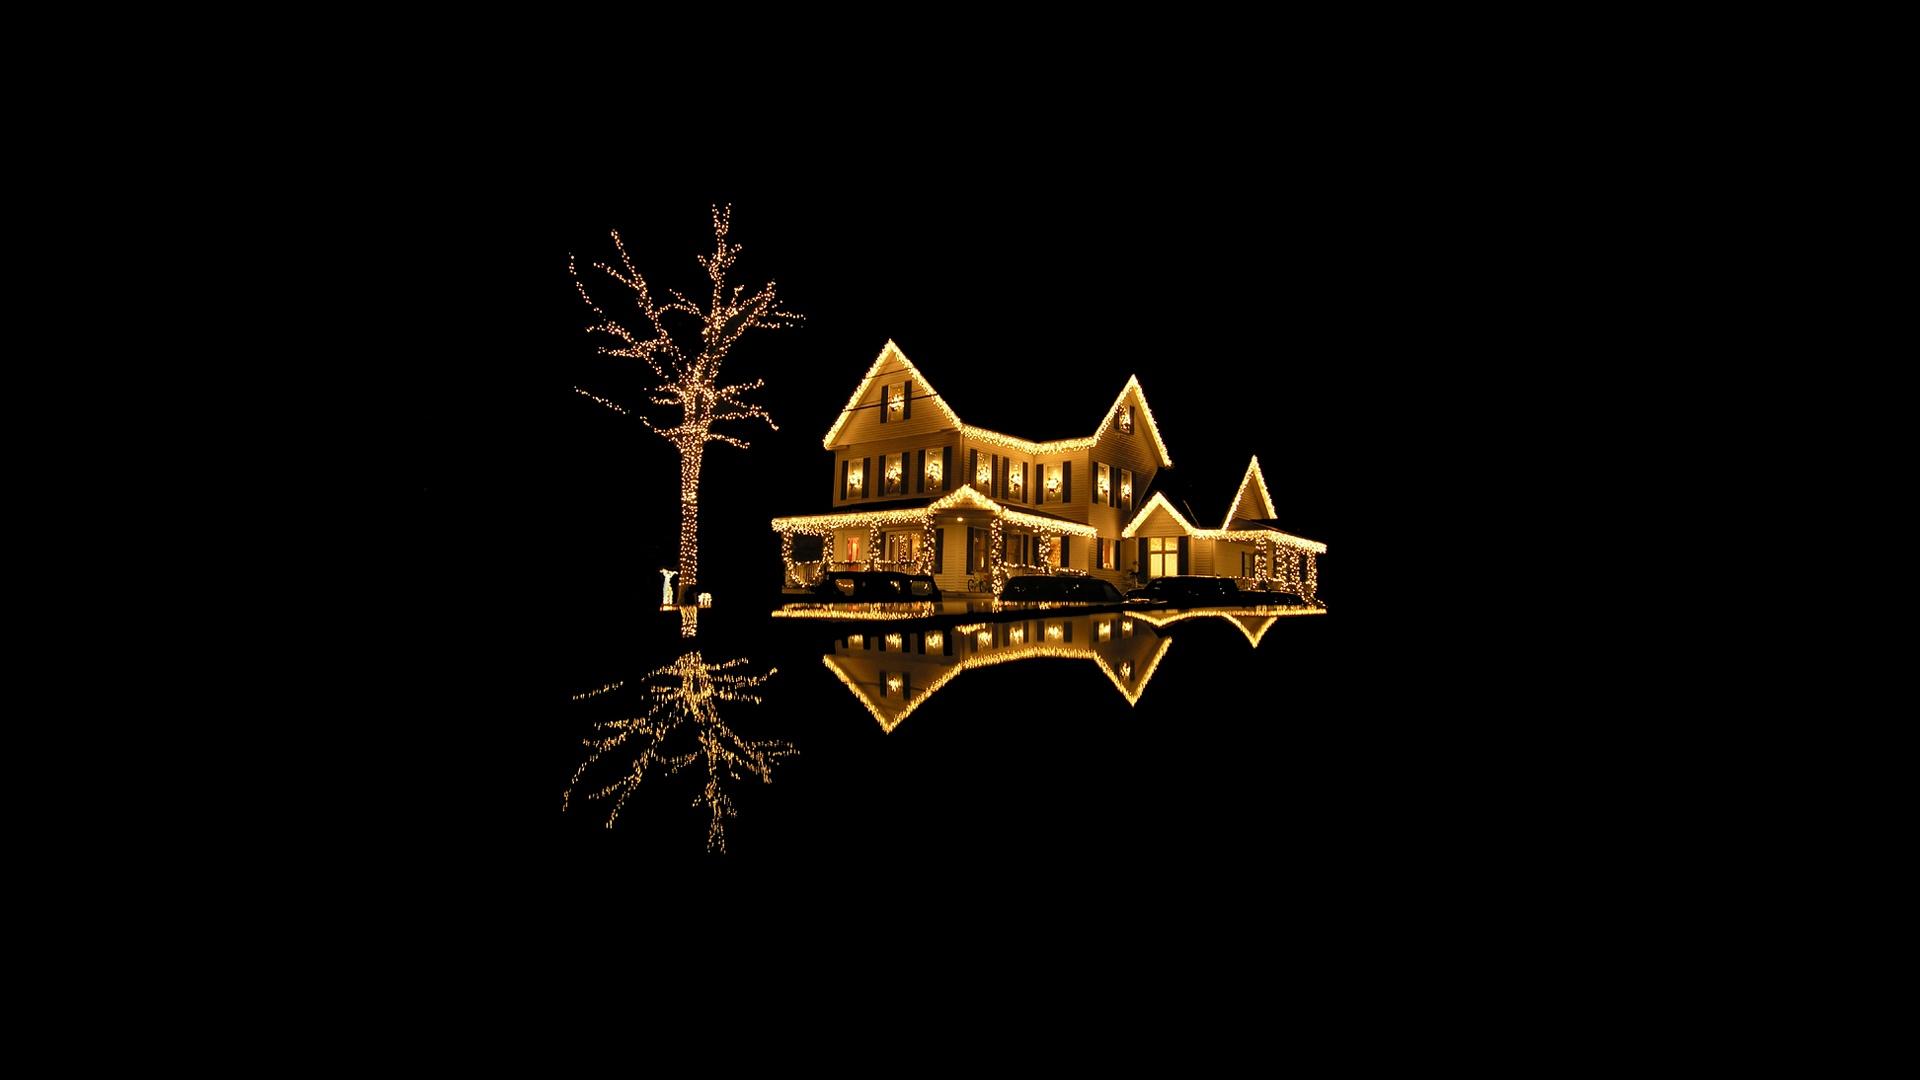 Christmas Lights Desktop Wallpaper 1920x1080